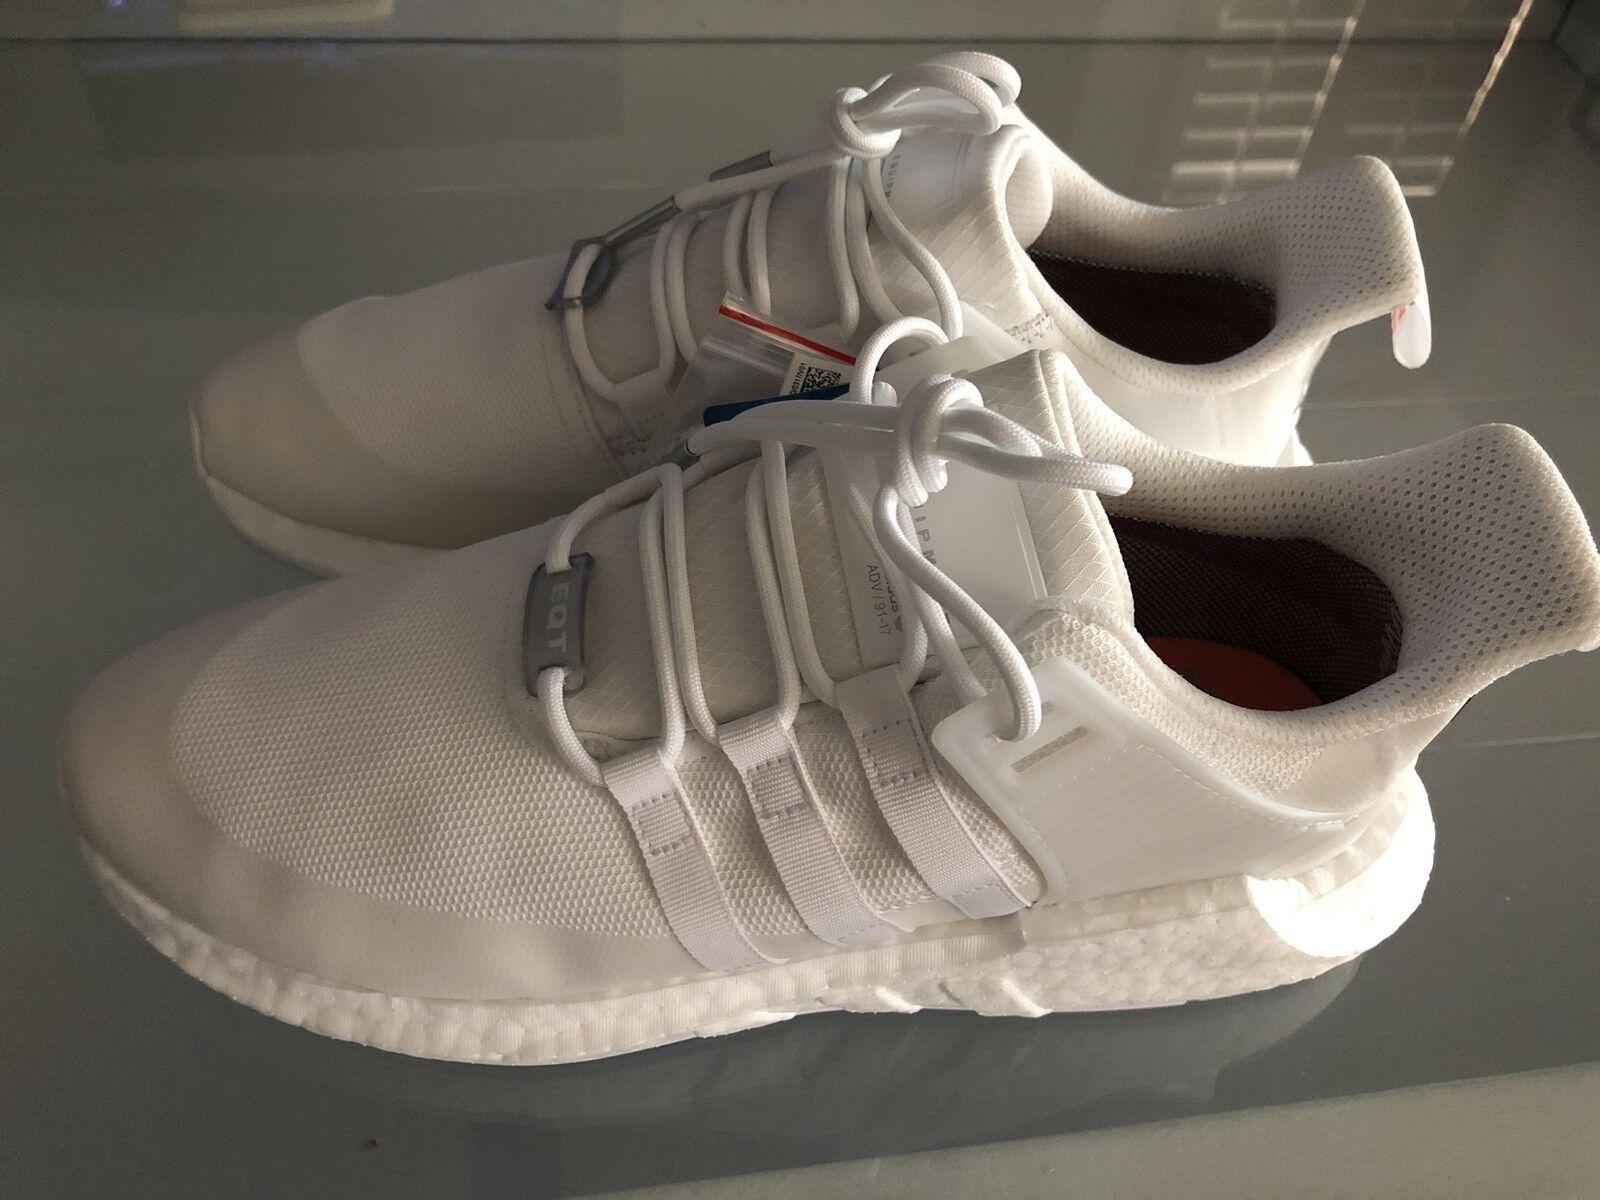 neue männer adidas 17 eqt unterstützung 93 / 17 adidas steigern db1444 - white - gtx terrex größe 10 bd76e8